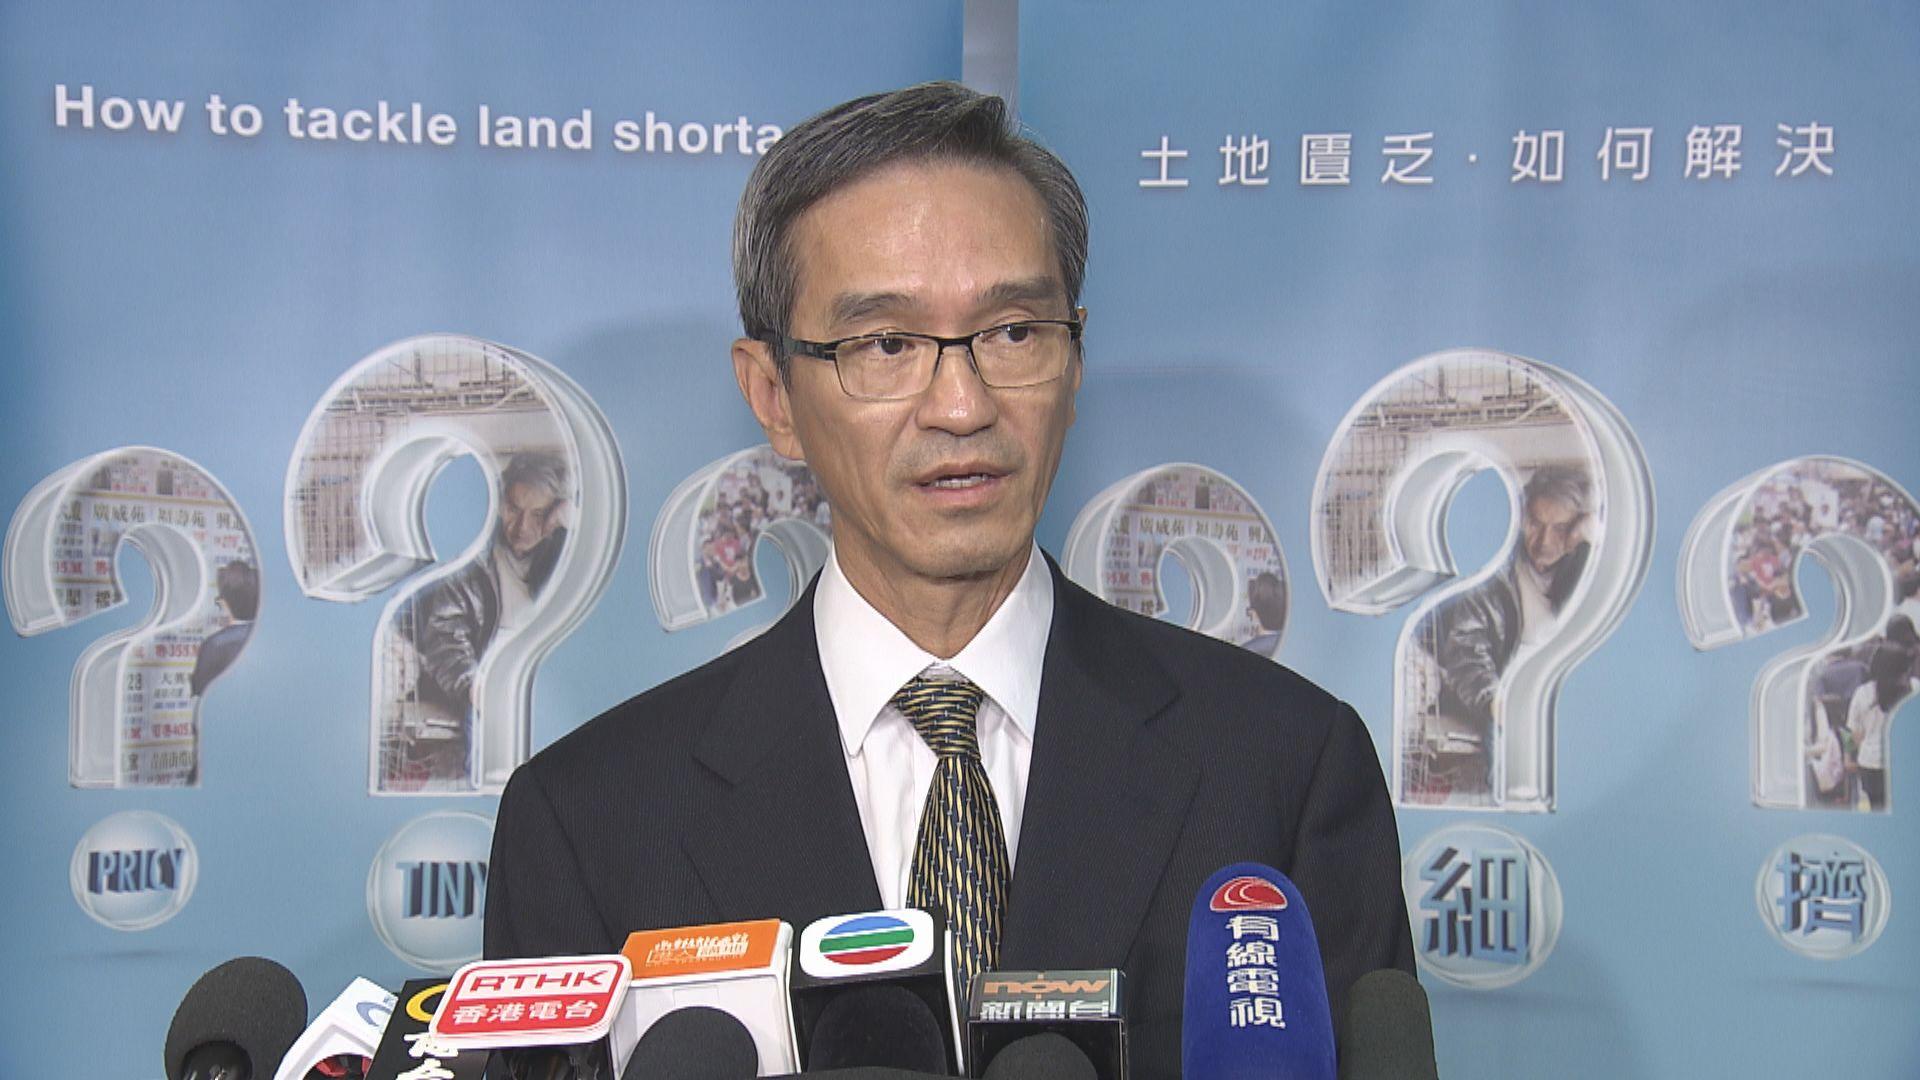 黃遠輝:政府應解釋為何填海1700公頃